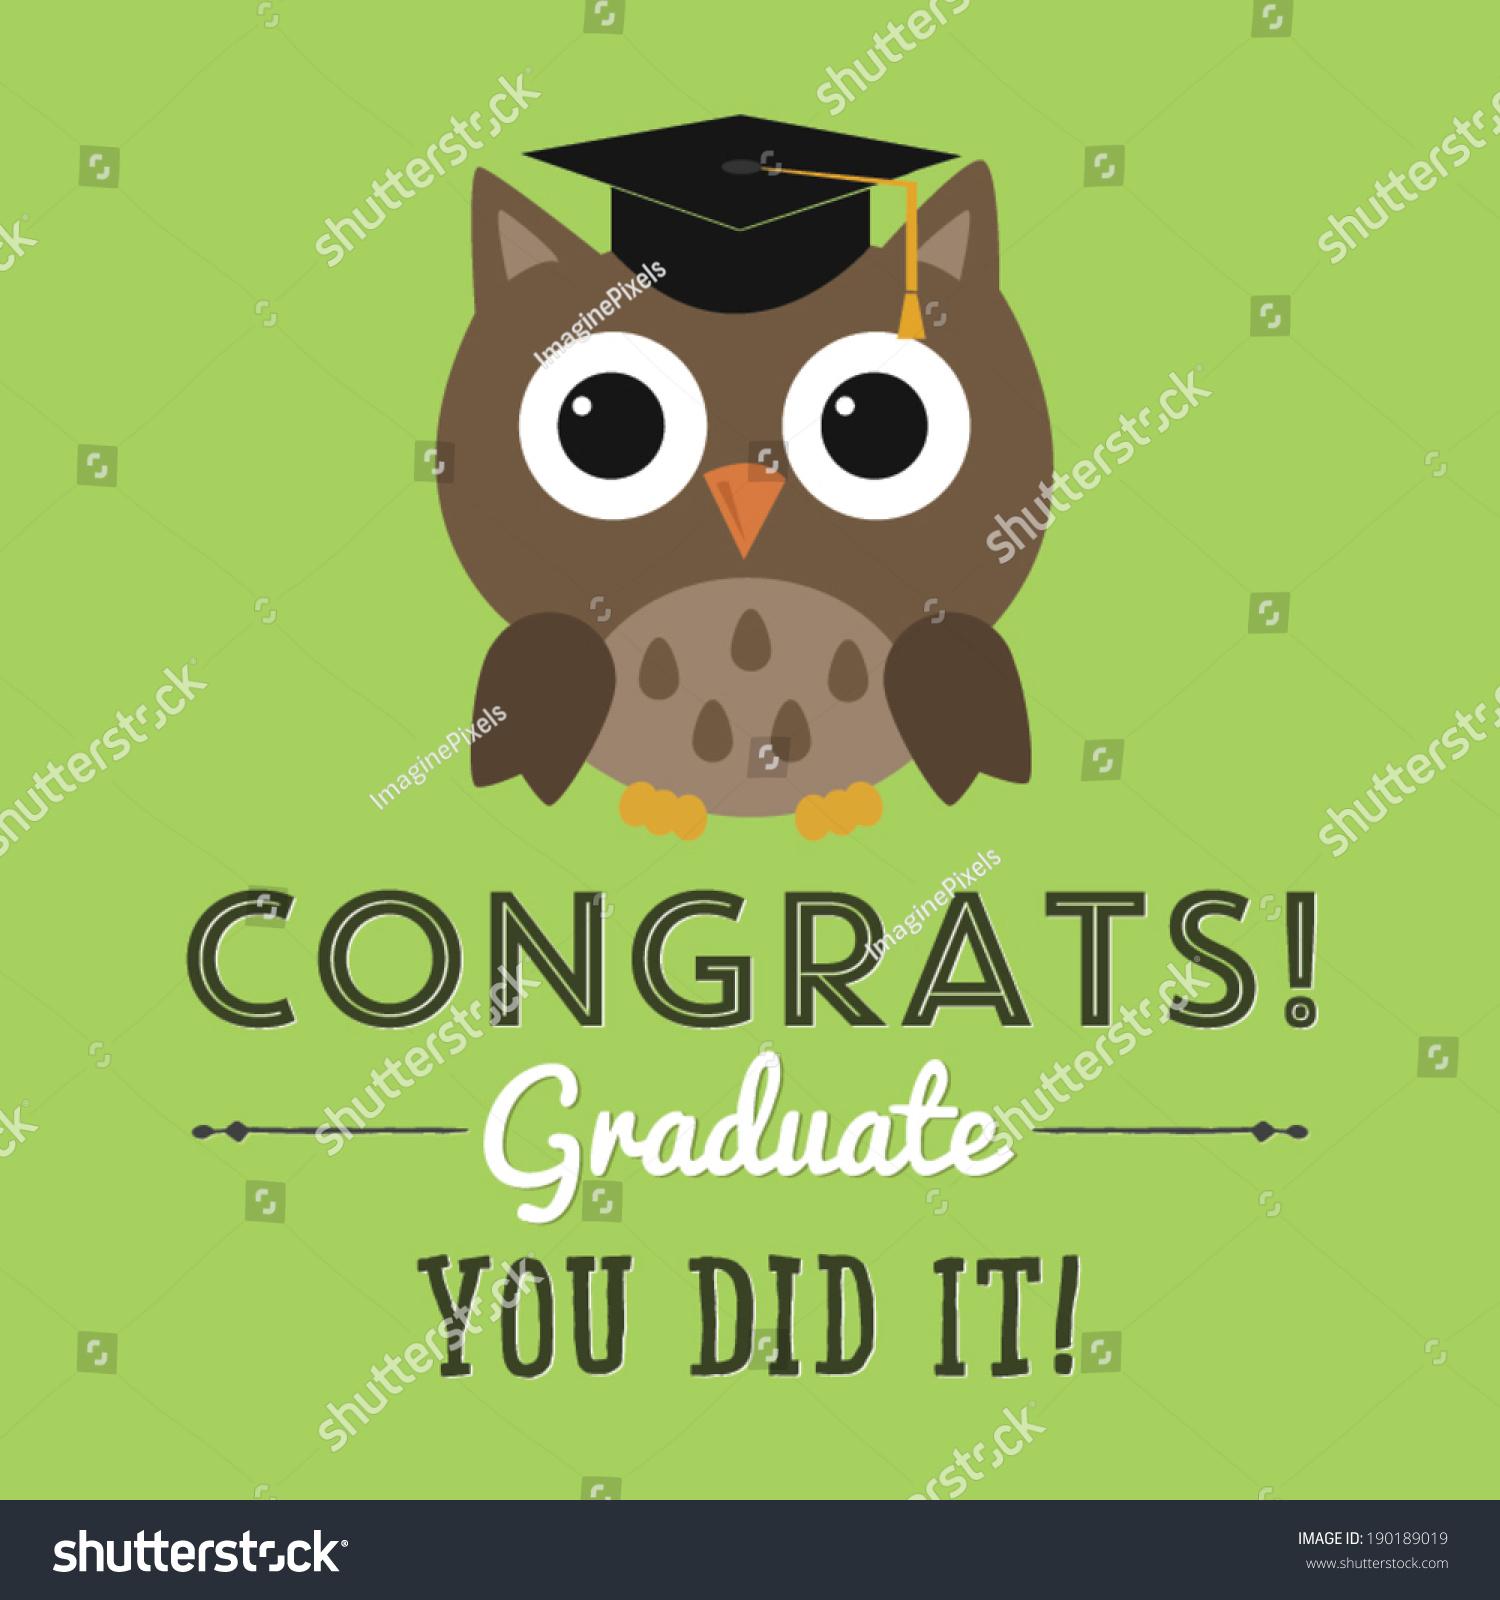 congrats graduate you did it graduation stock vector hd royalty